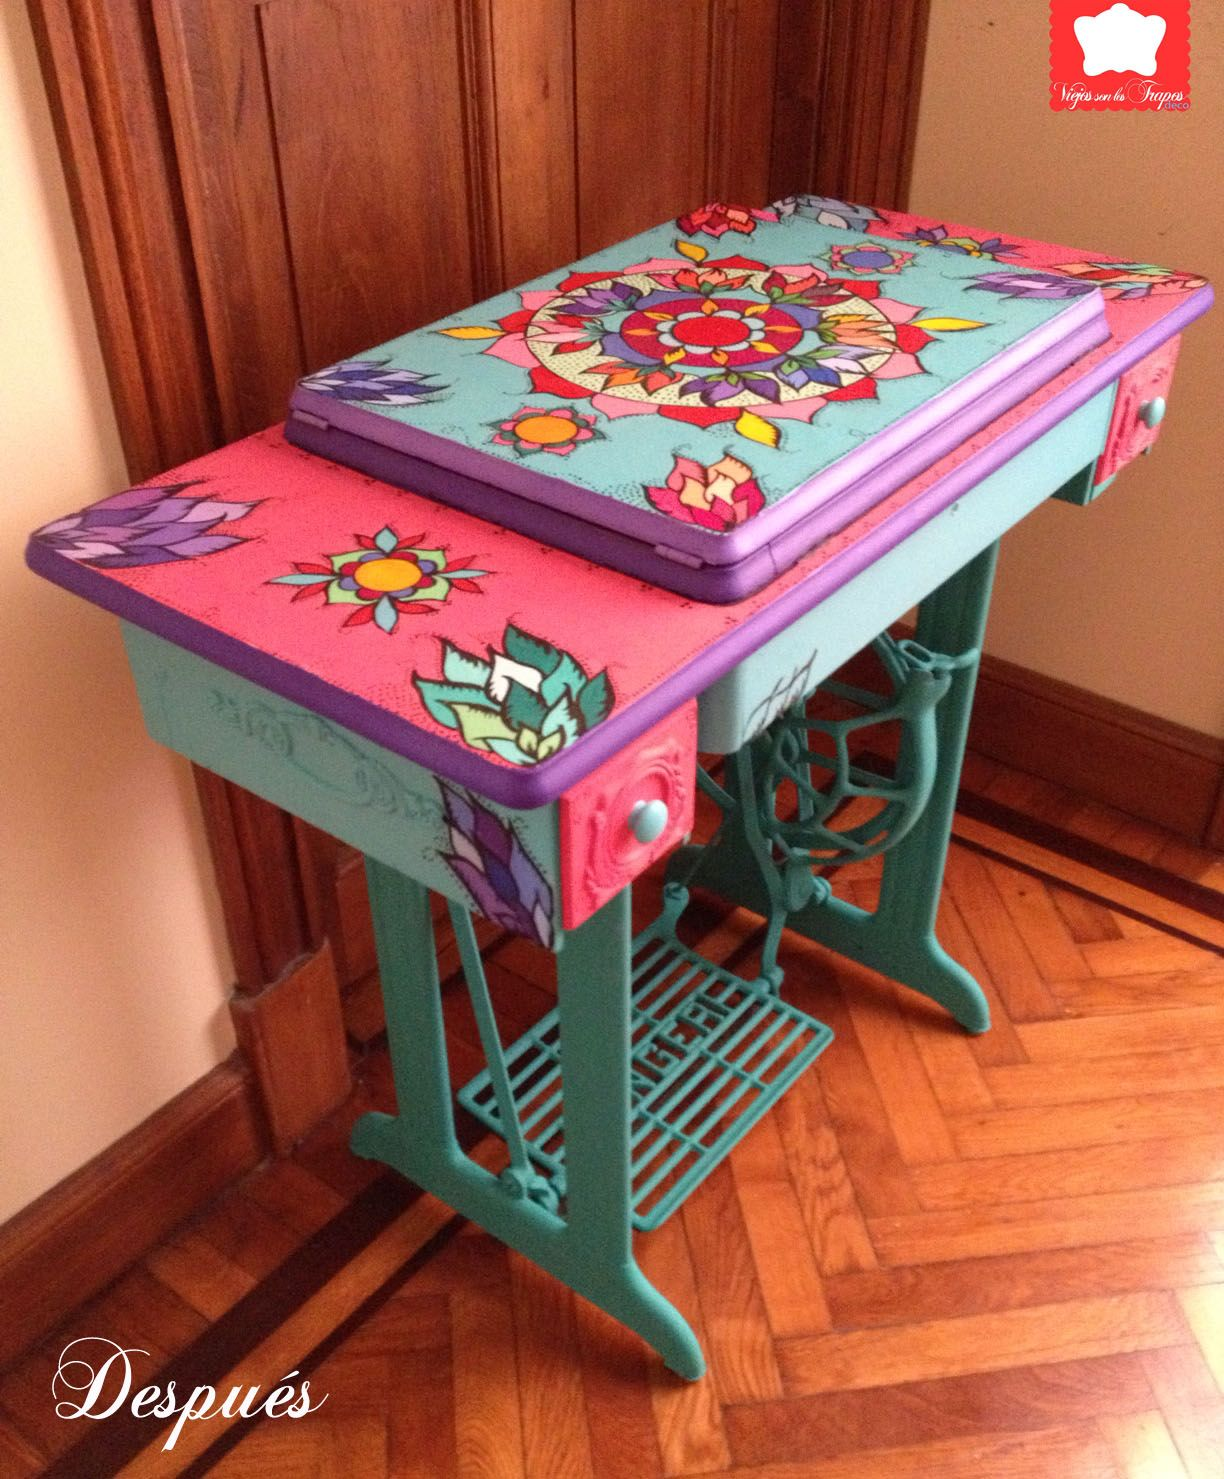 fotos de muebles de cocina fotos de muebles de sala muebles con palets fotos muebles rusticos fotos de muebles para tv fotos de muebles de bao